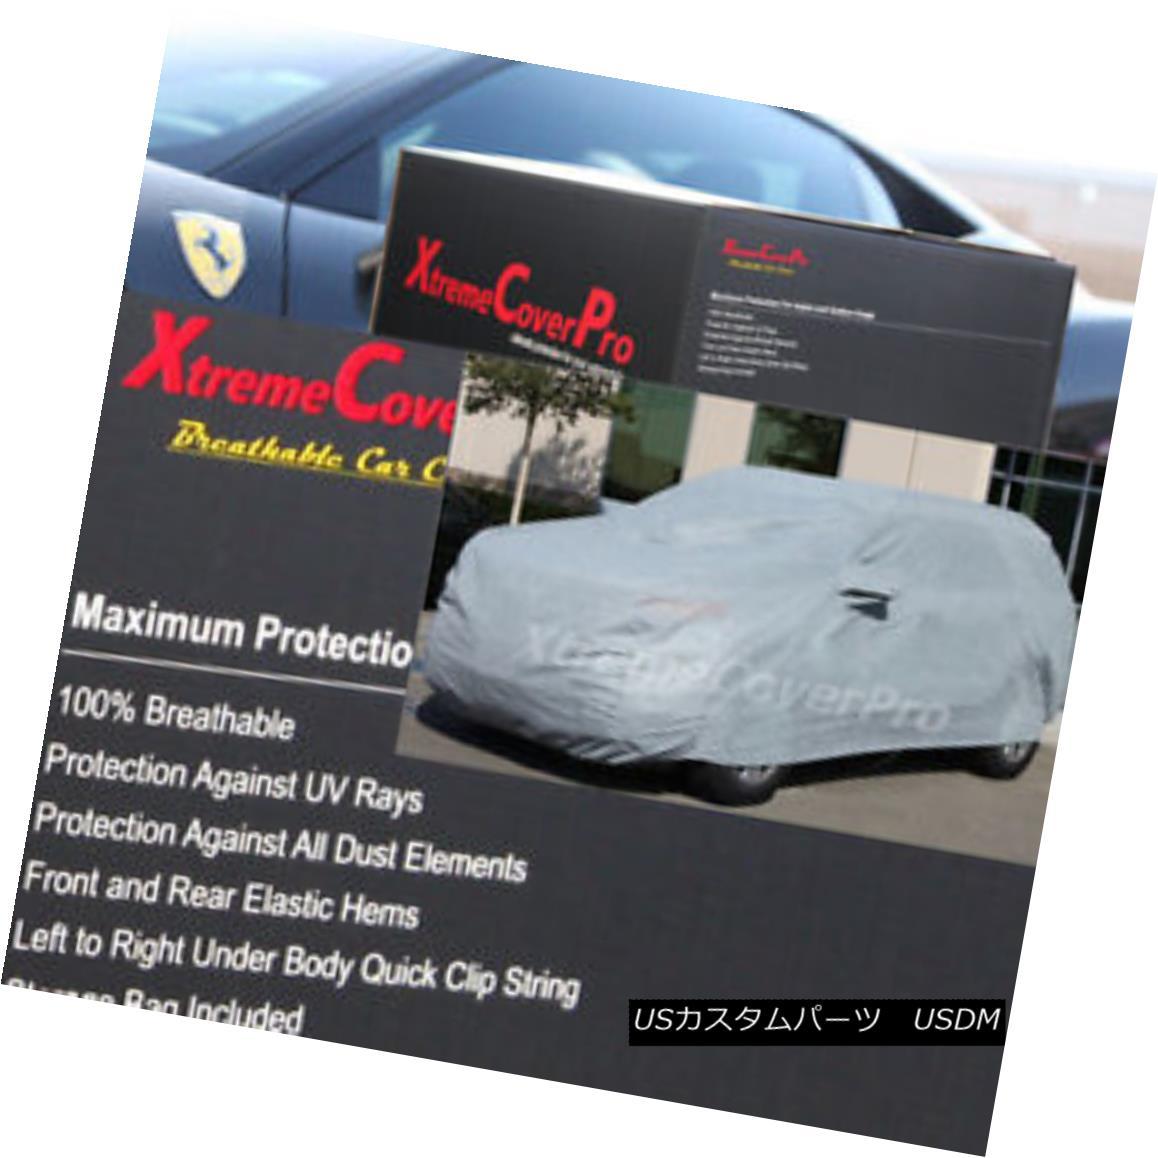 カーカバー 1995 1996 1997 Toyota Land Cruiser Breathable Car Cover w/MirrorPocket 1995年1996年1997年トヨタランドクルーザー通気性車カバー付き(MirrorPocket)